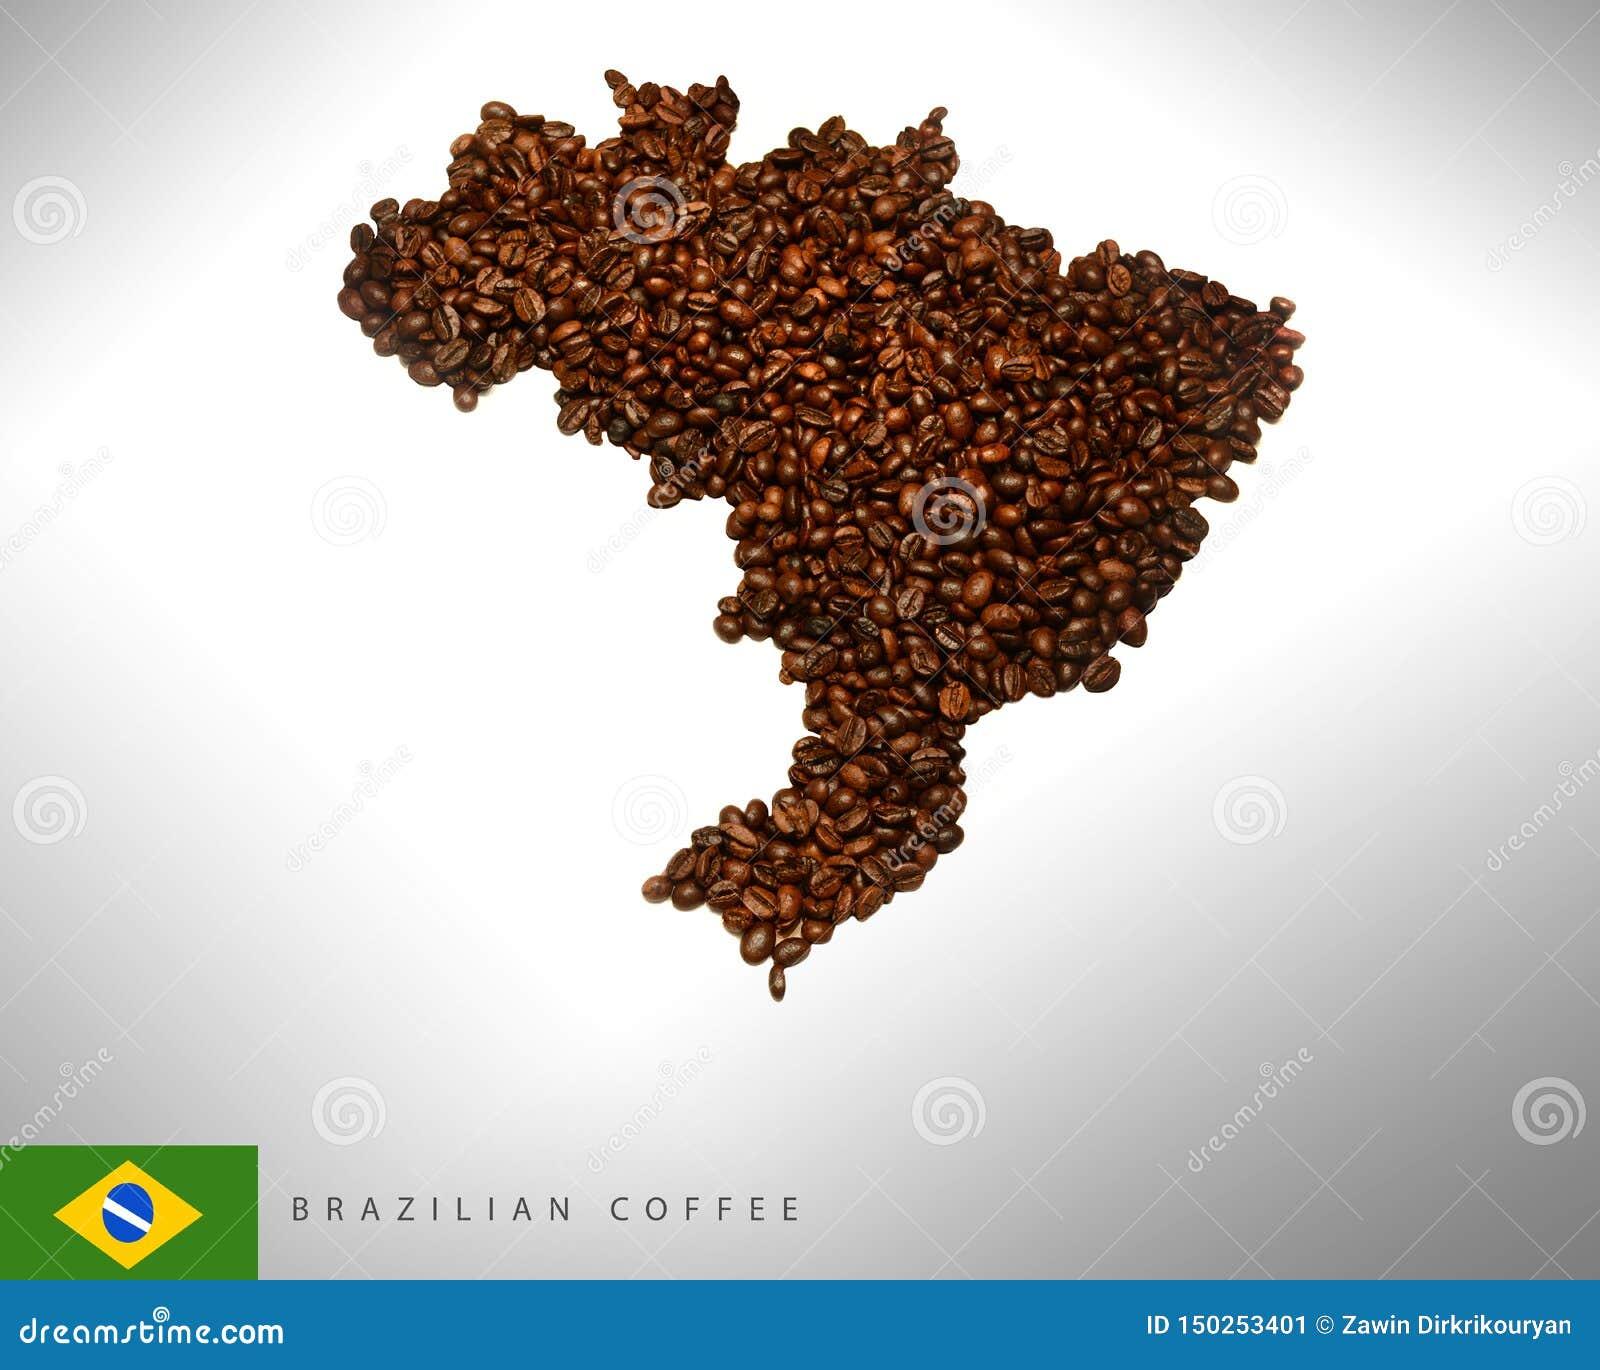 Бразильская карта с кофейными зернами, фотография,